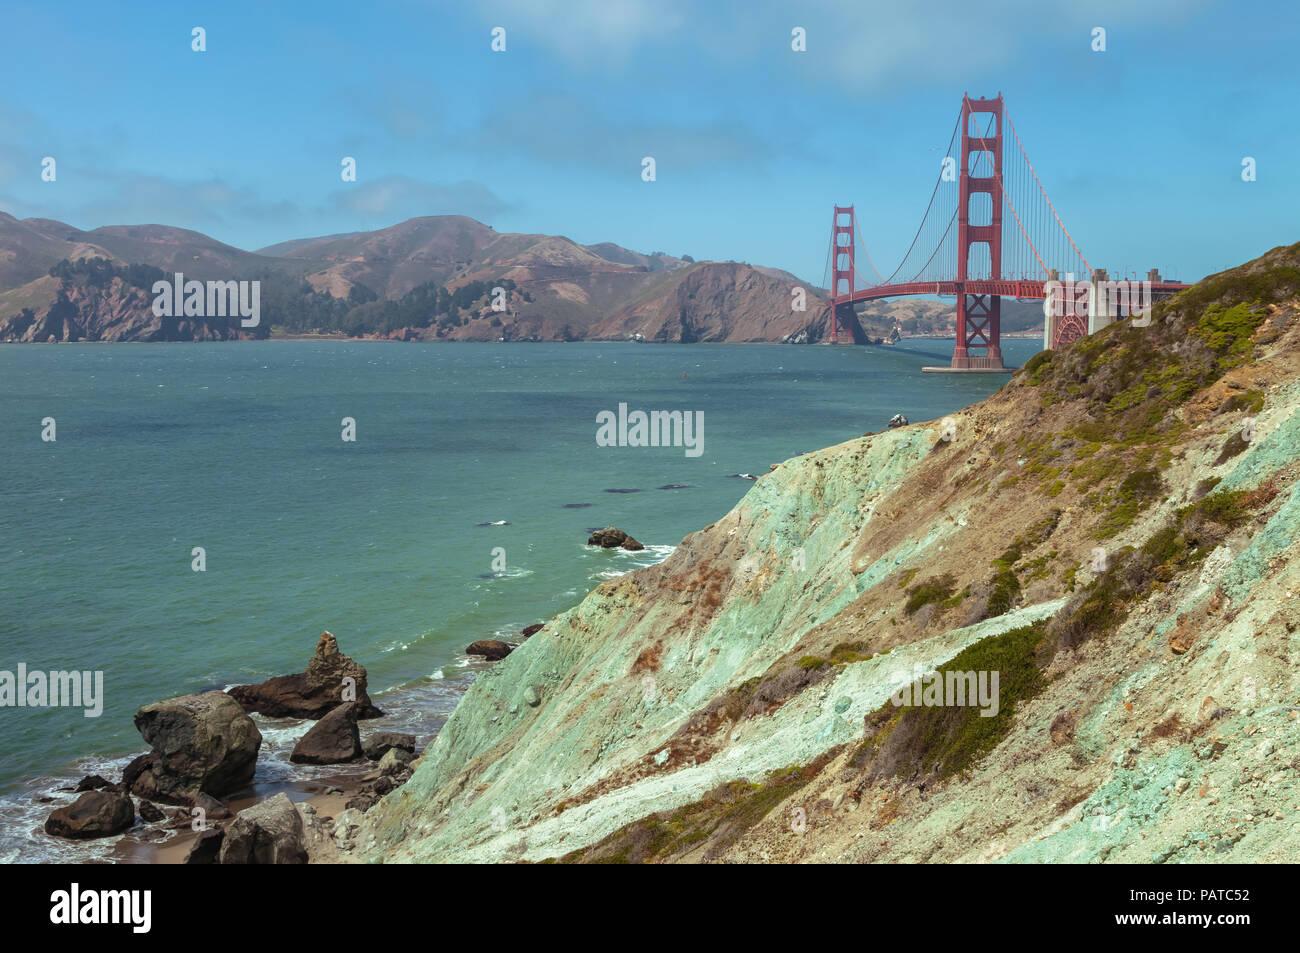 Verde-azulado serpentinite exclusivo de Marshall Beach, con el puente Golden Gate en el fondo, San Francisco, California, Estados Unidos. Imagen De Stock